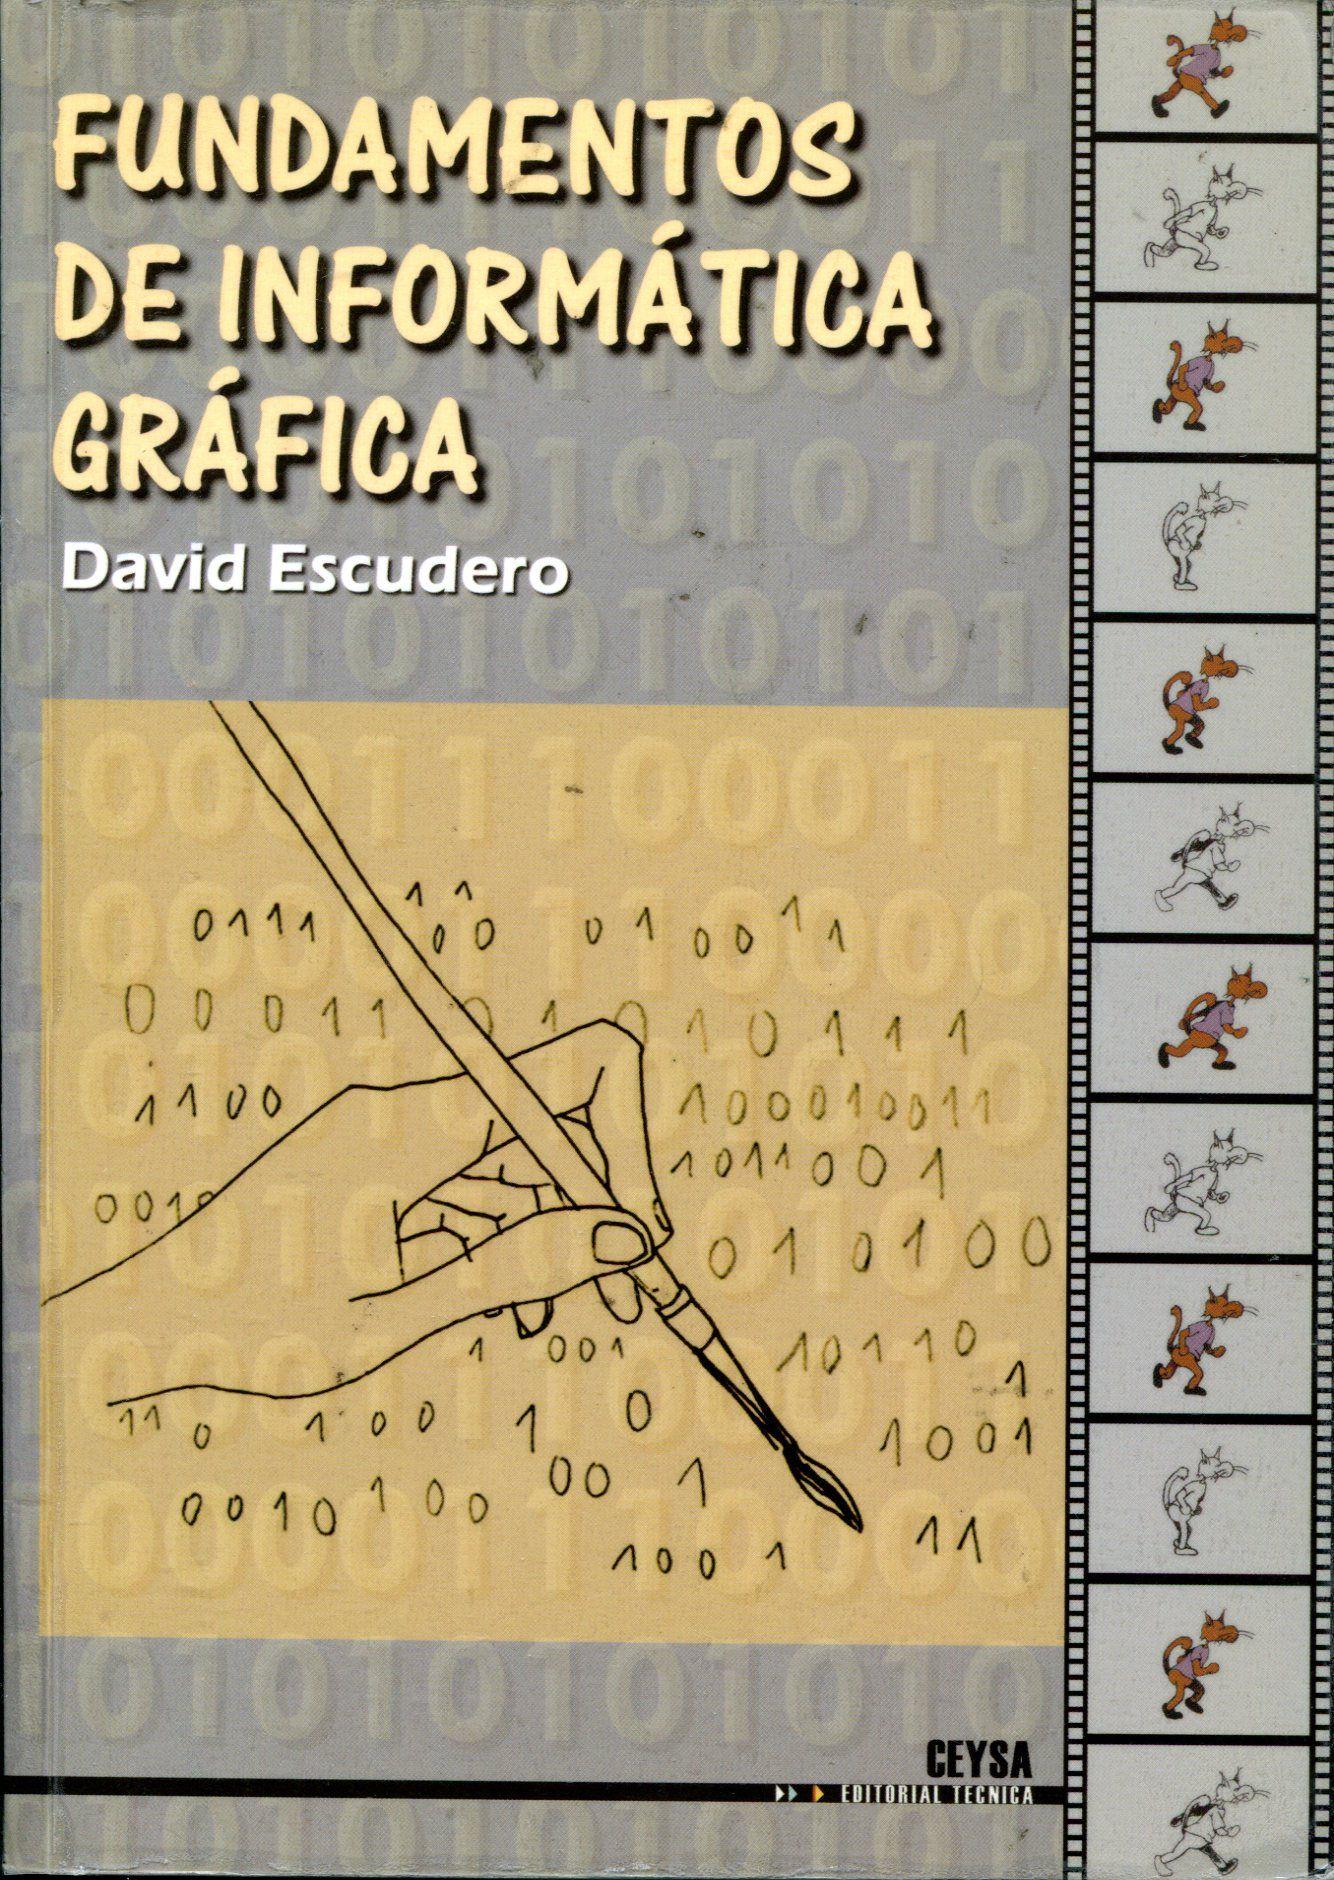 Más Información En Http Absysnet Bbtk Ull Es Cgi Bin Abnetopac Titn 333268 Fisica Matematica Informática Libros